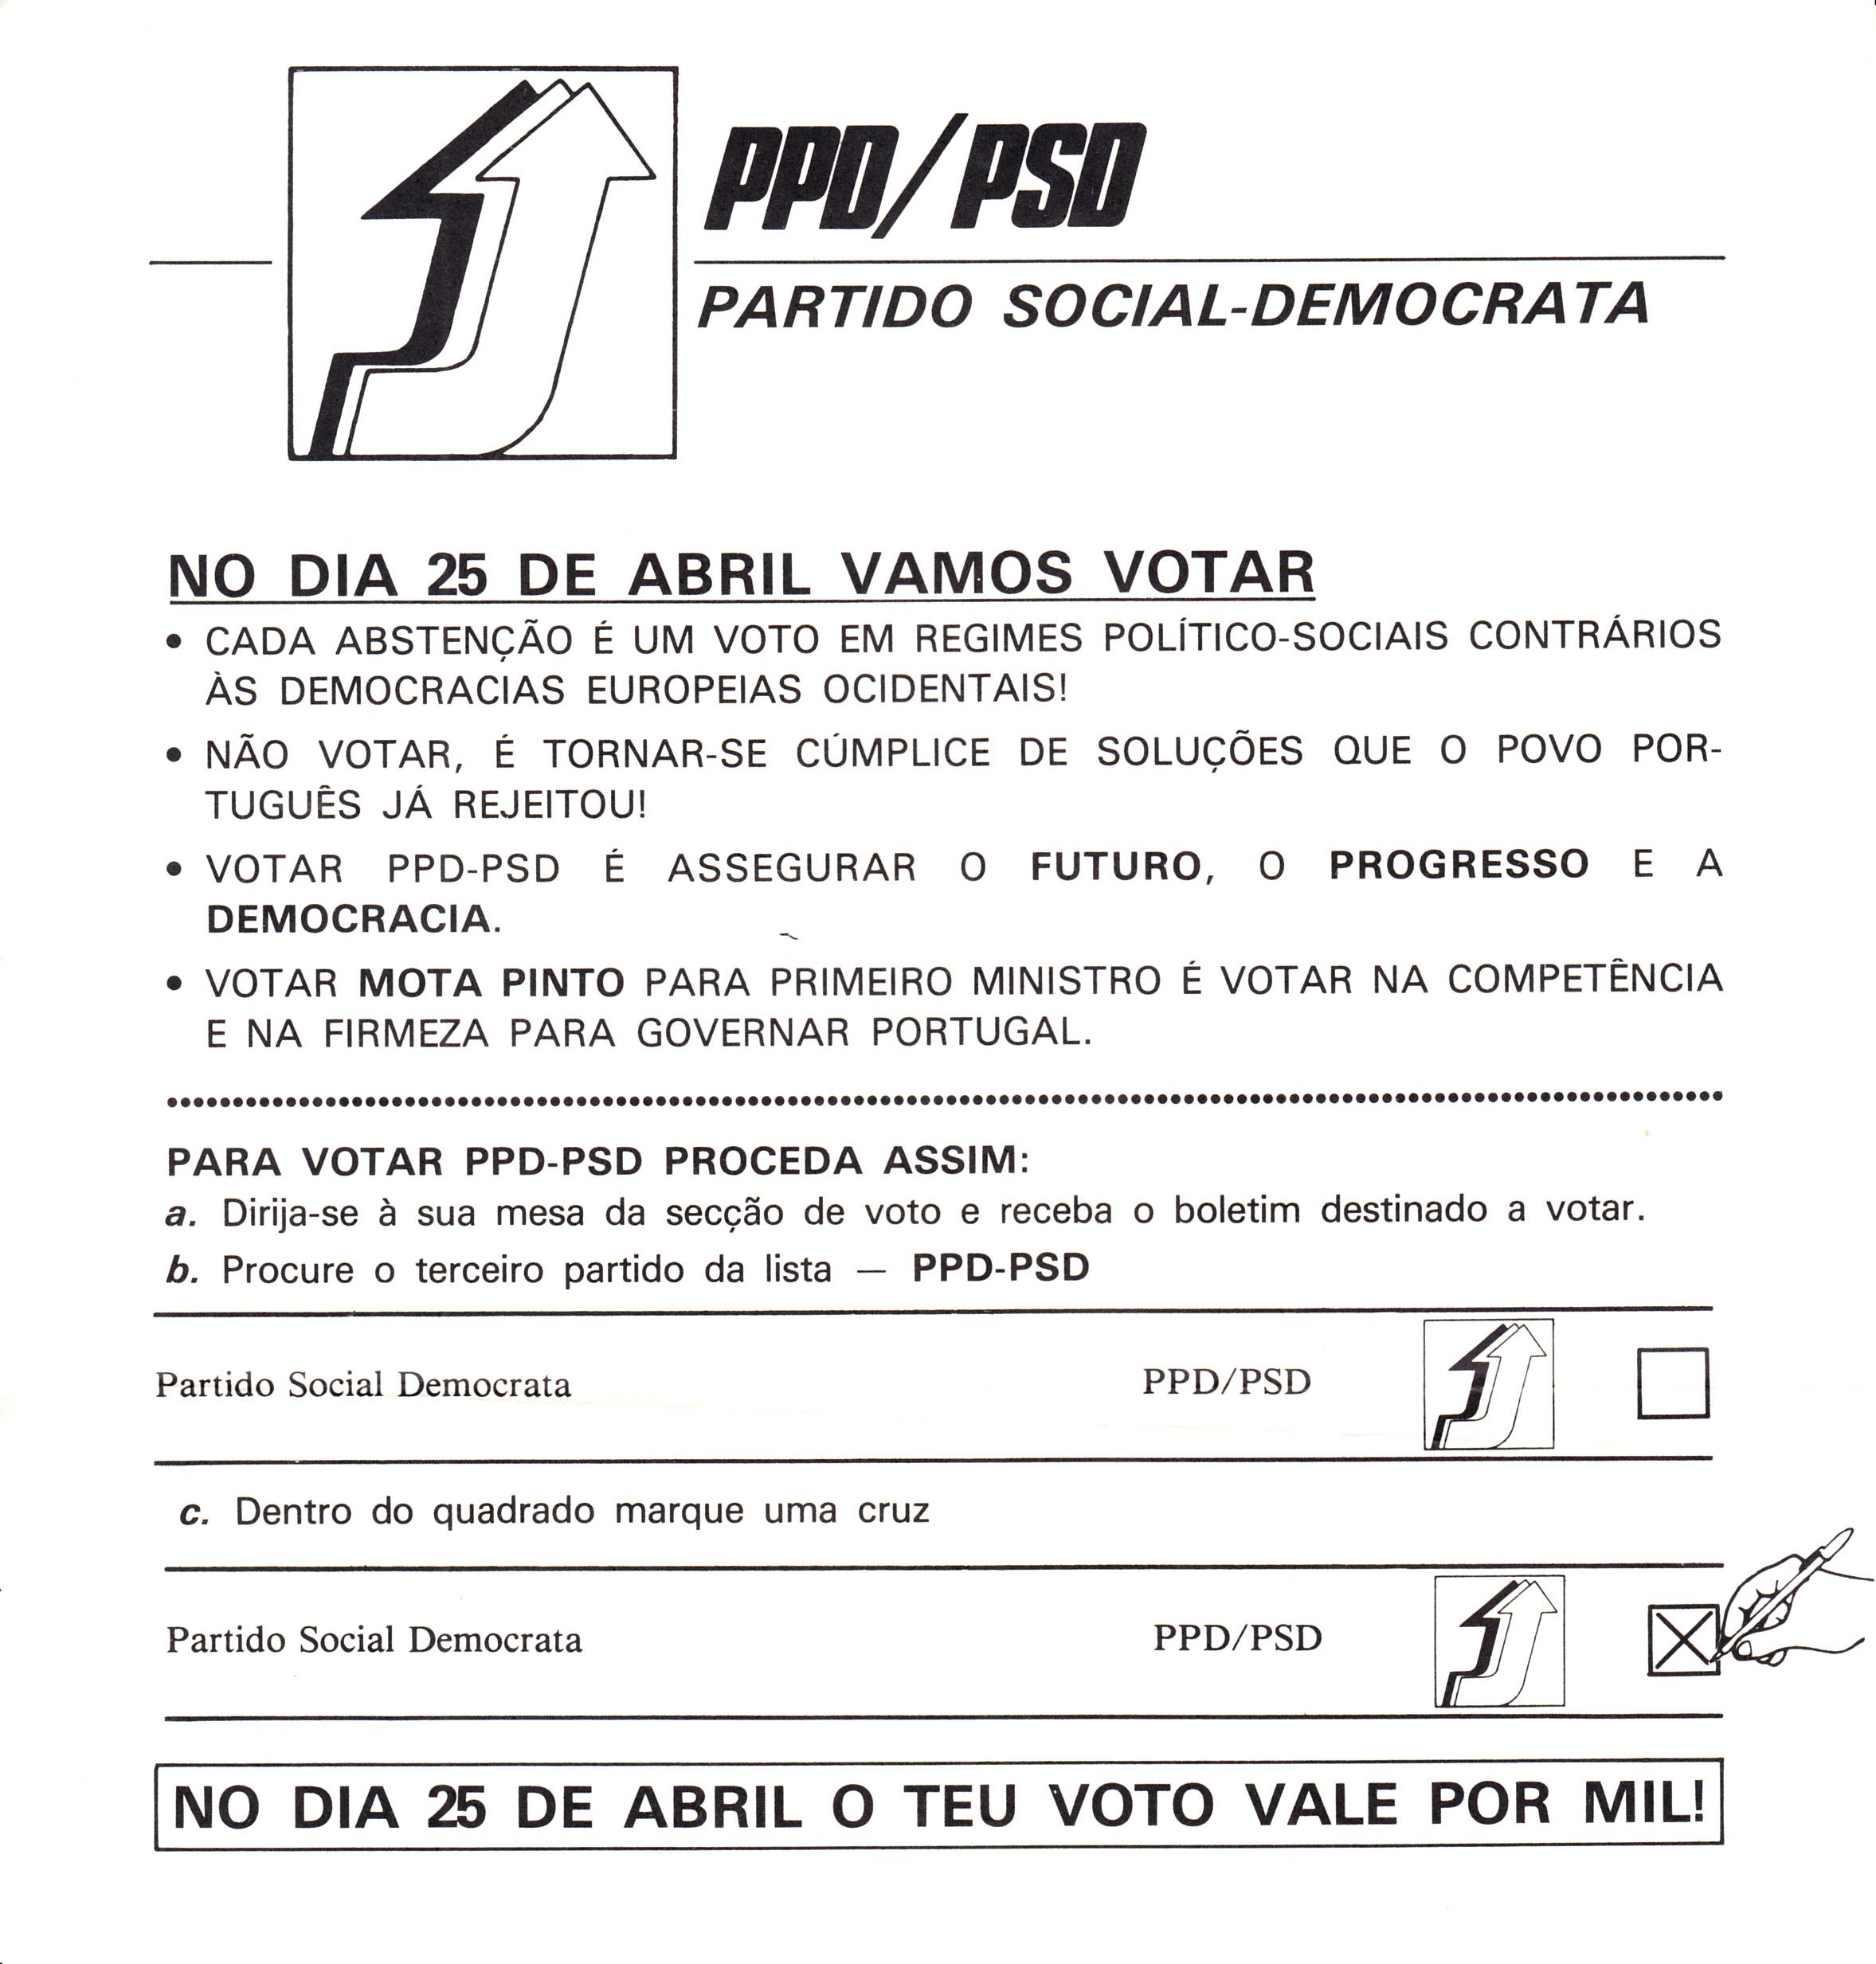 PSD_1983_legislativas_0003